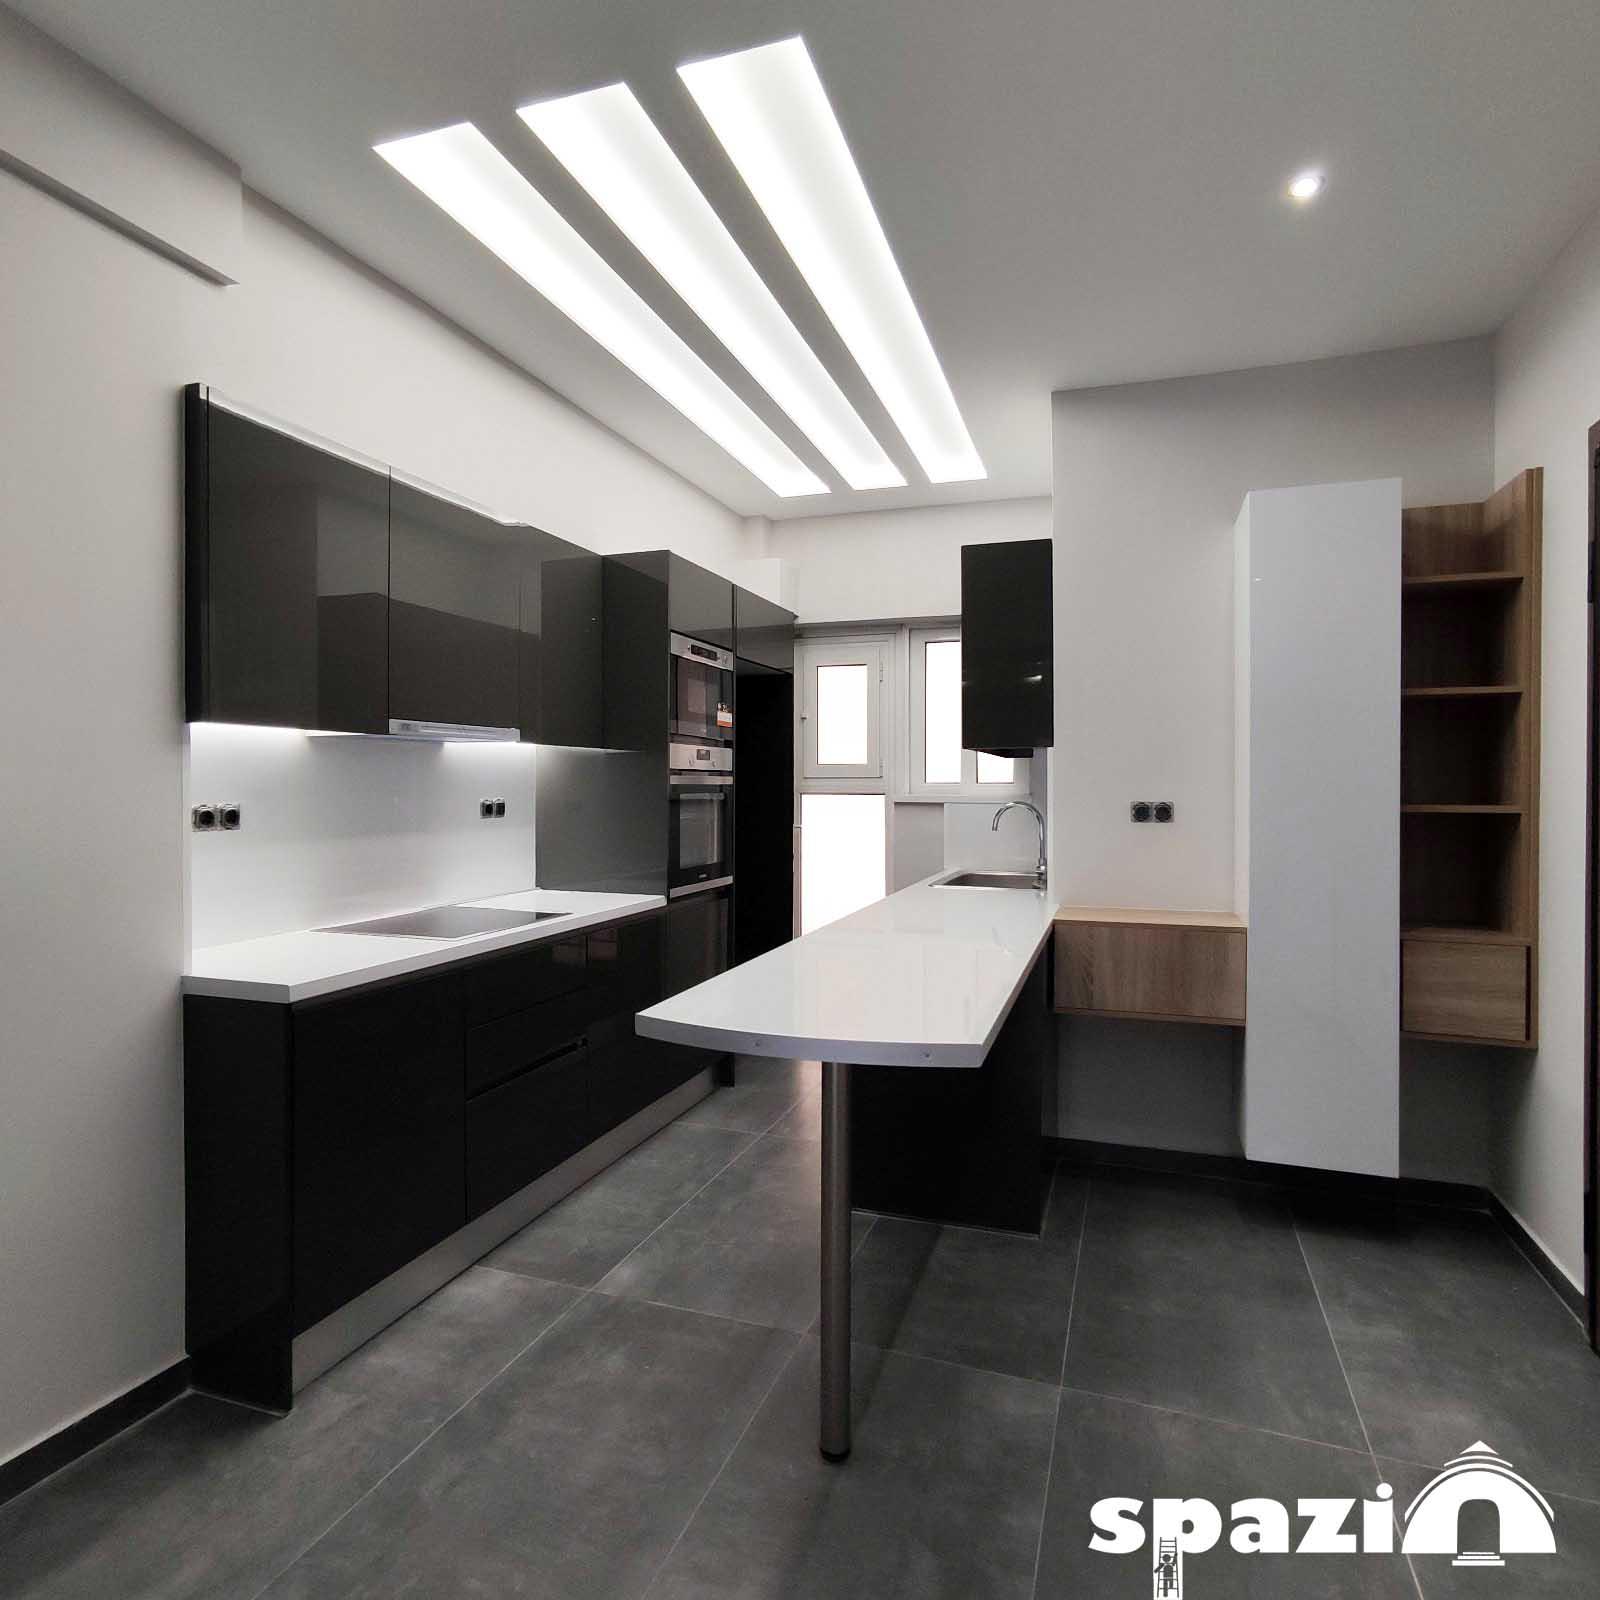 spazio_sepolia_02-1.jpg